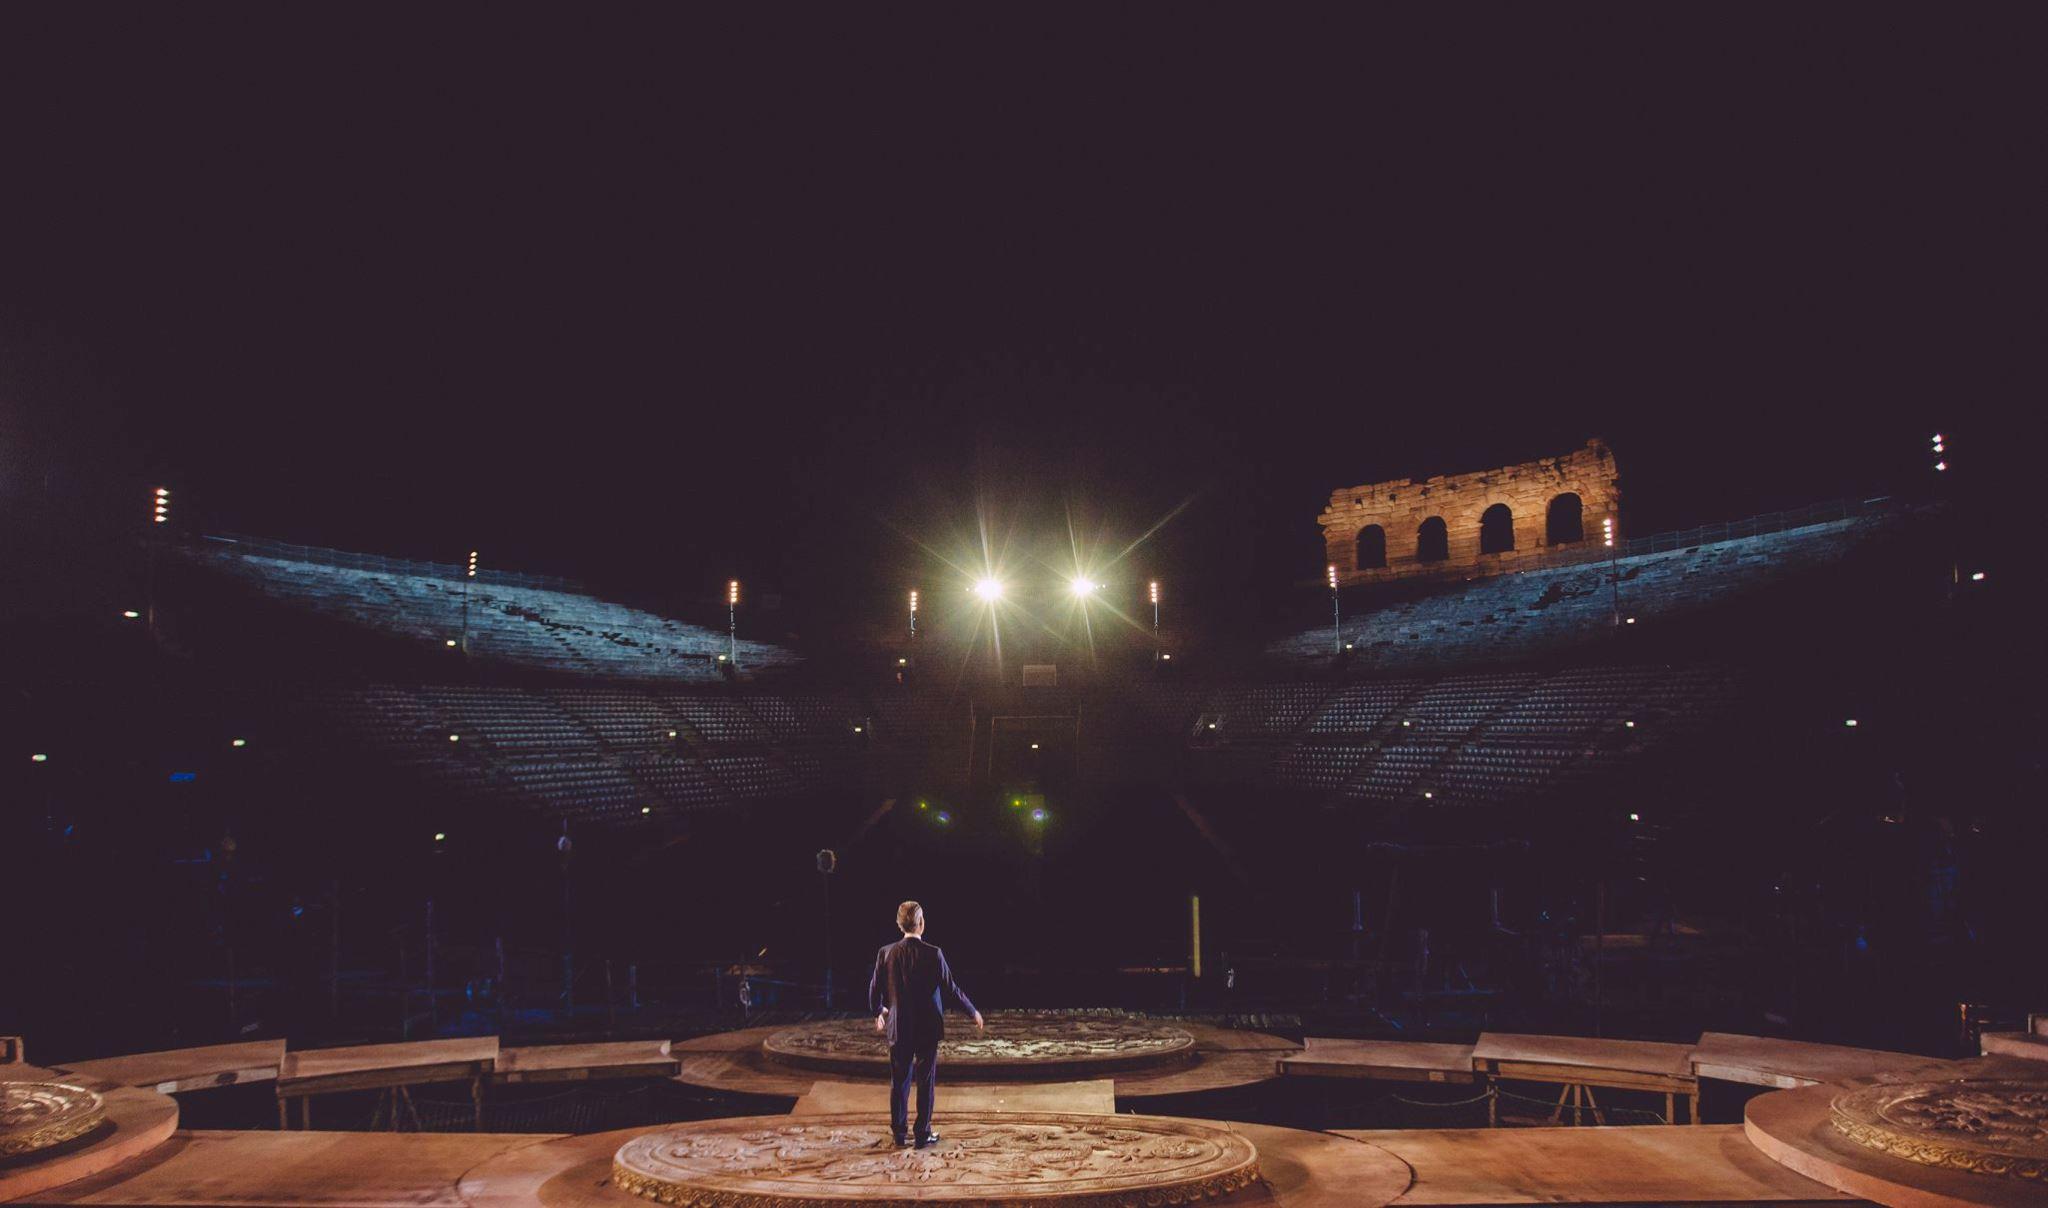 🎶 Андреа Бочеллі виступив у порожньому Міланському соборі на Великдень 12 квітня